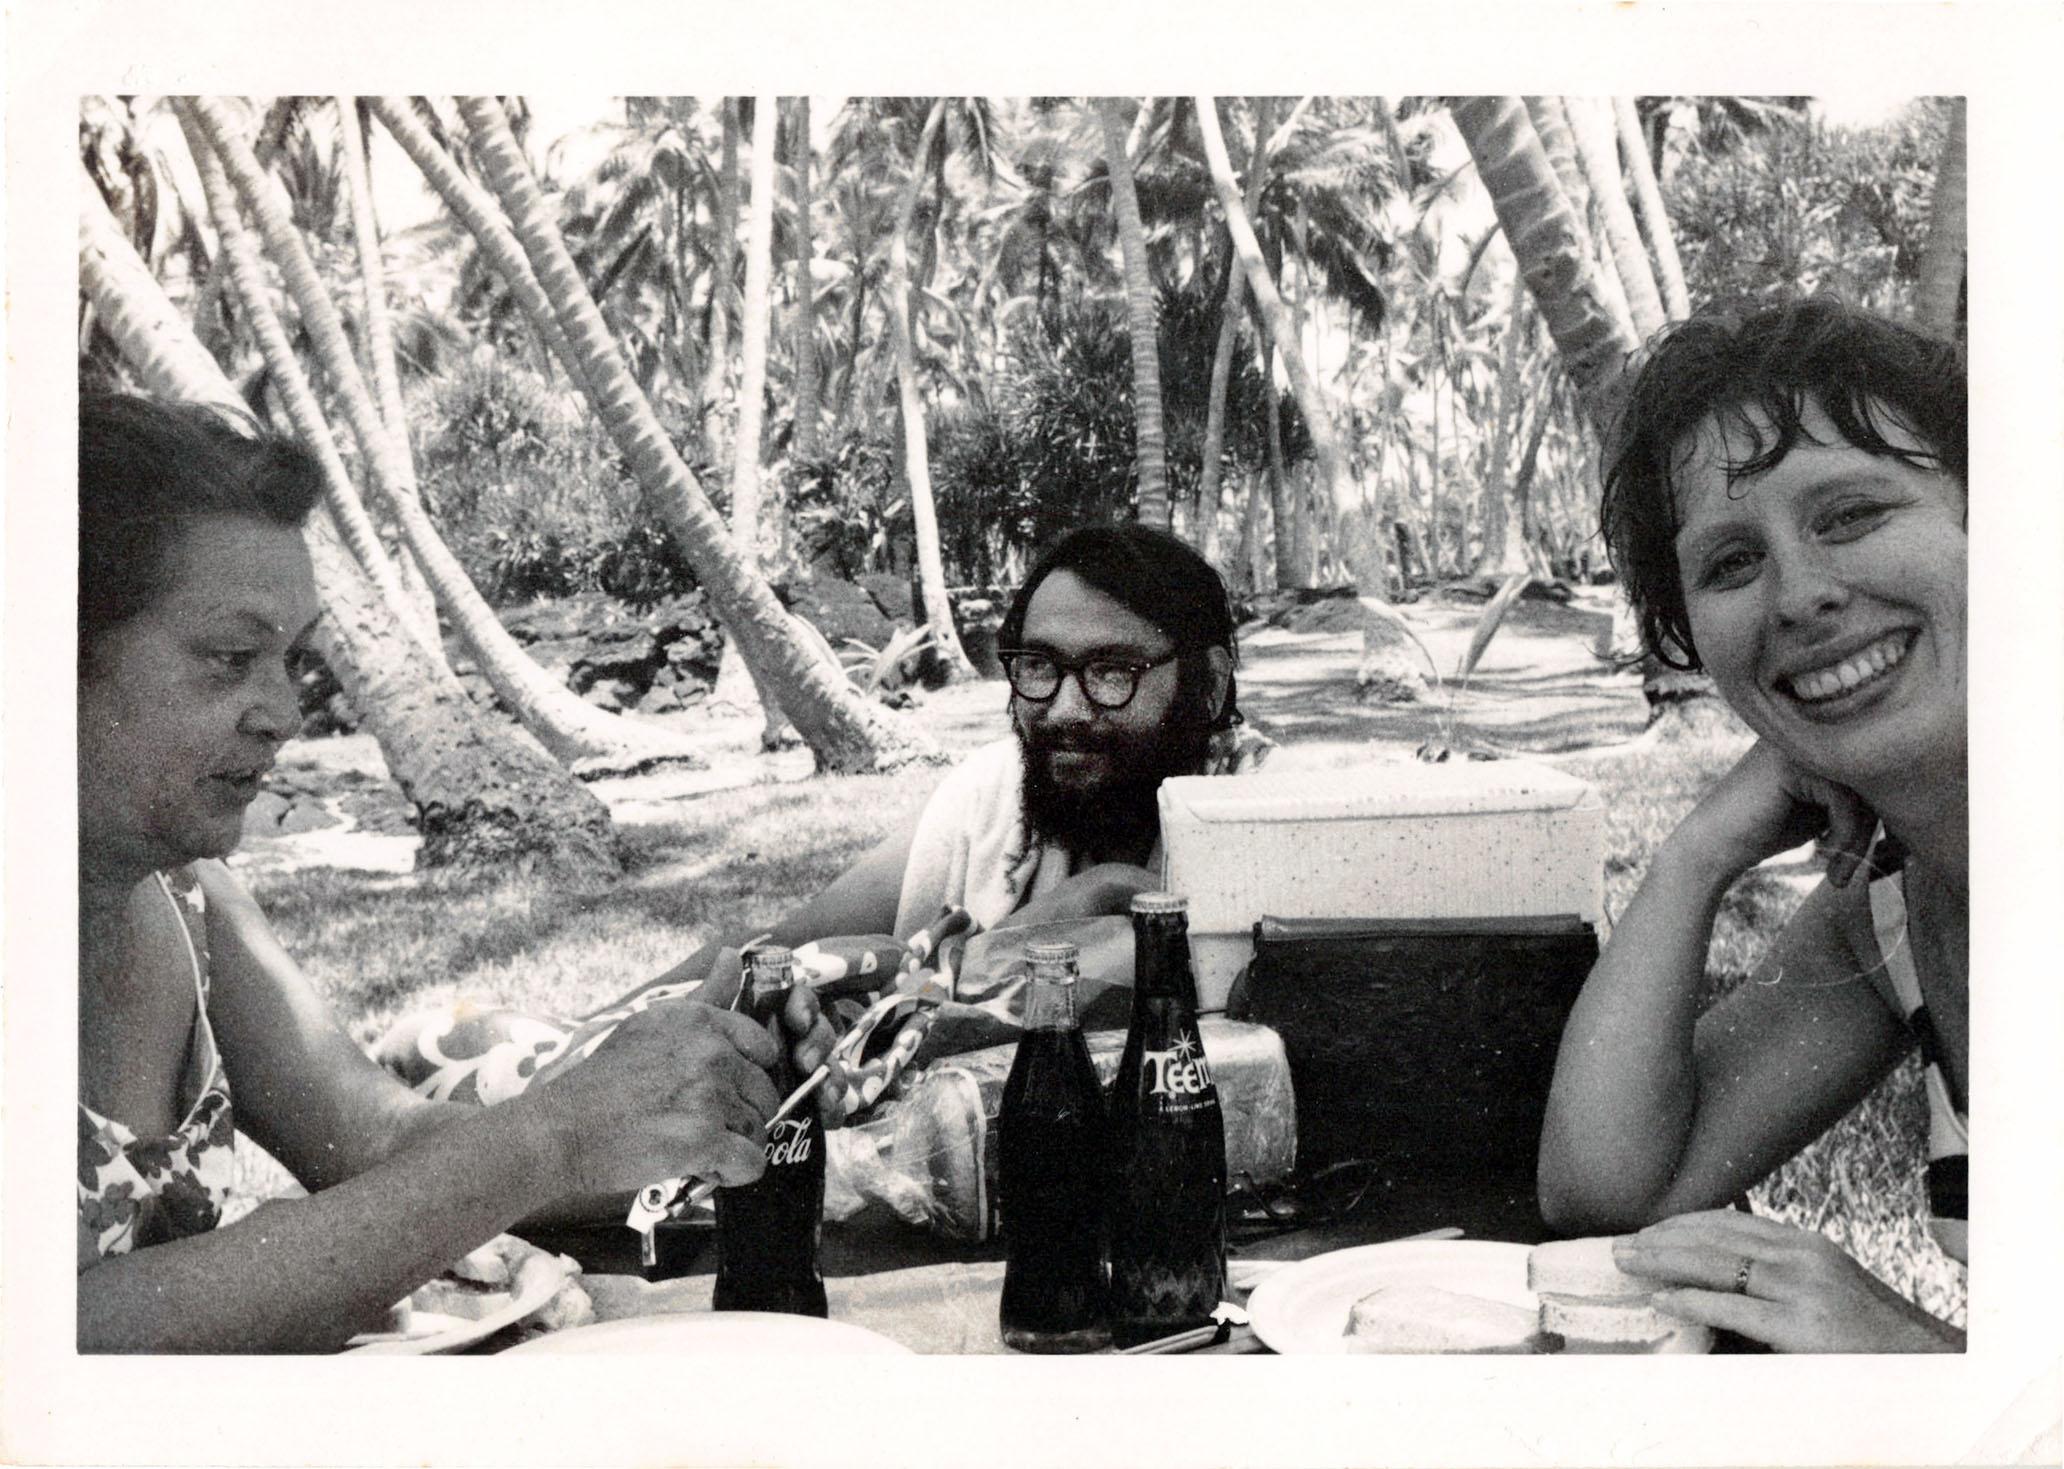 A Big Island picnic